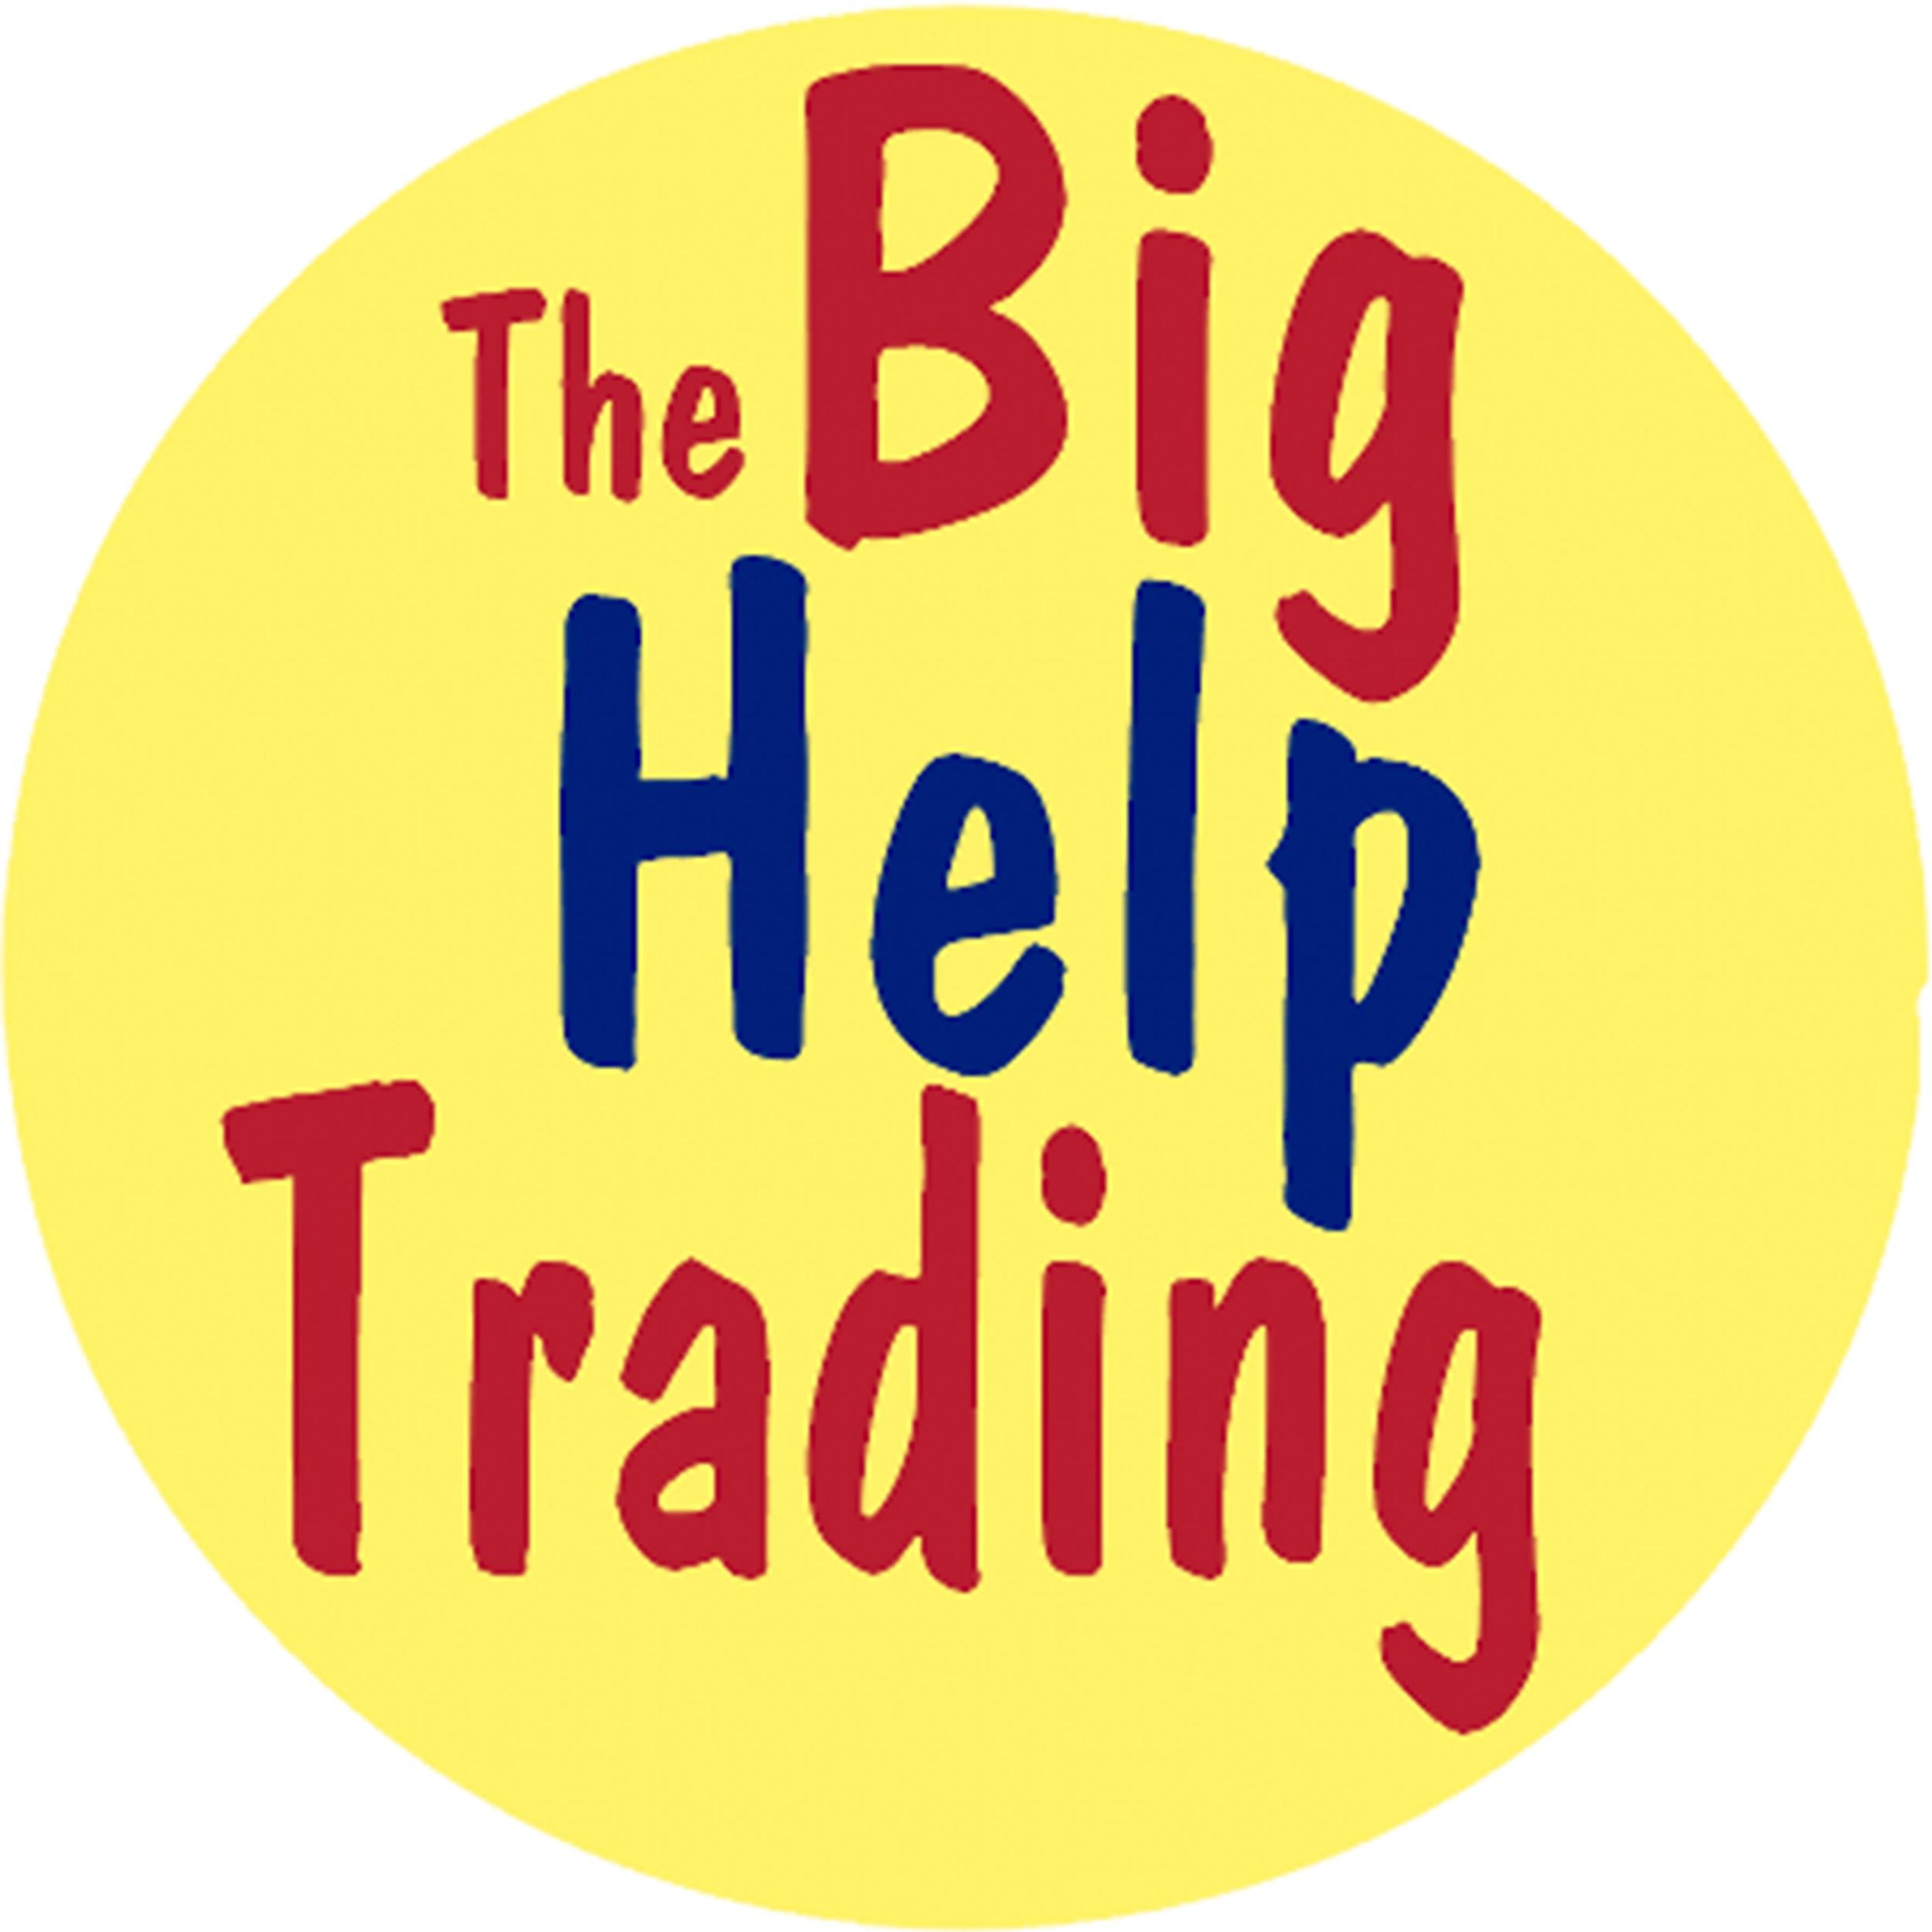 Tradeing+Logo.jpg